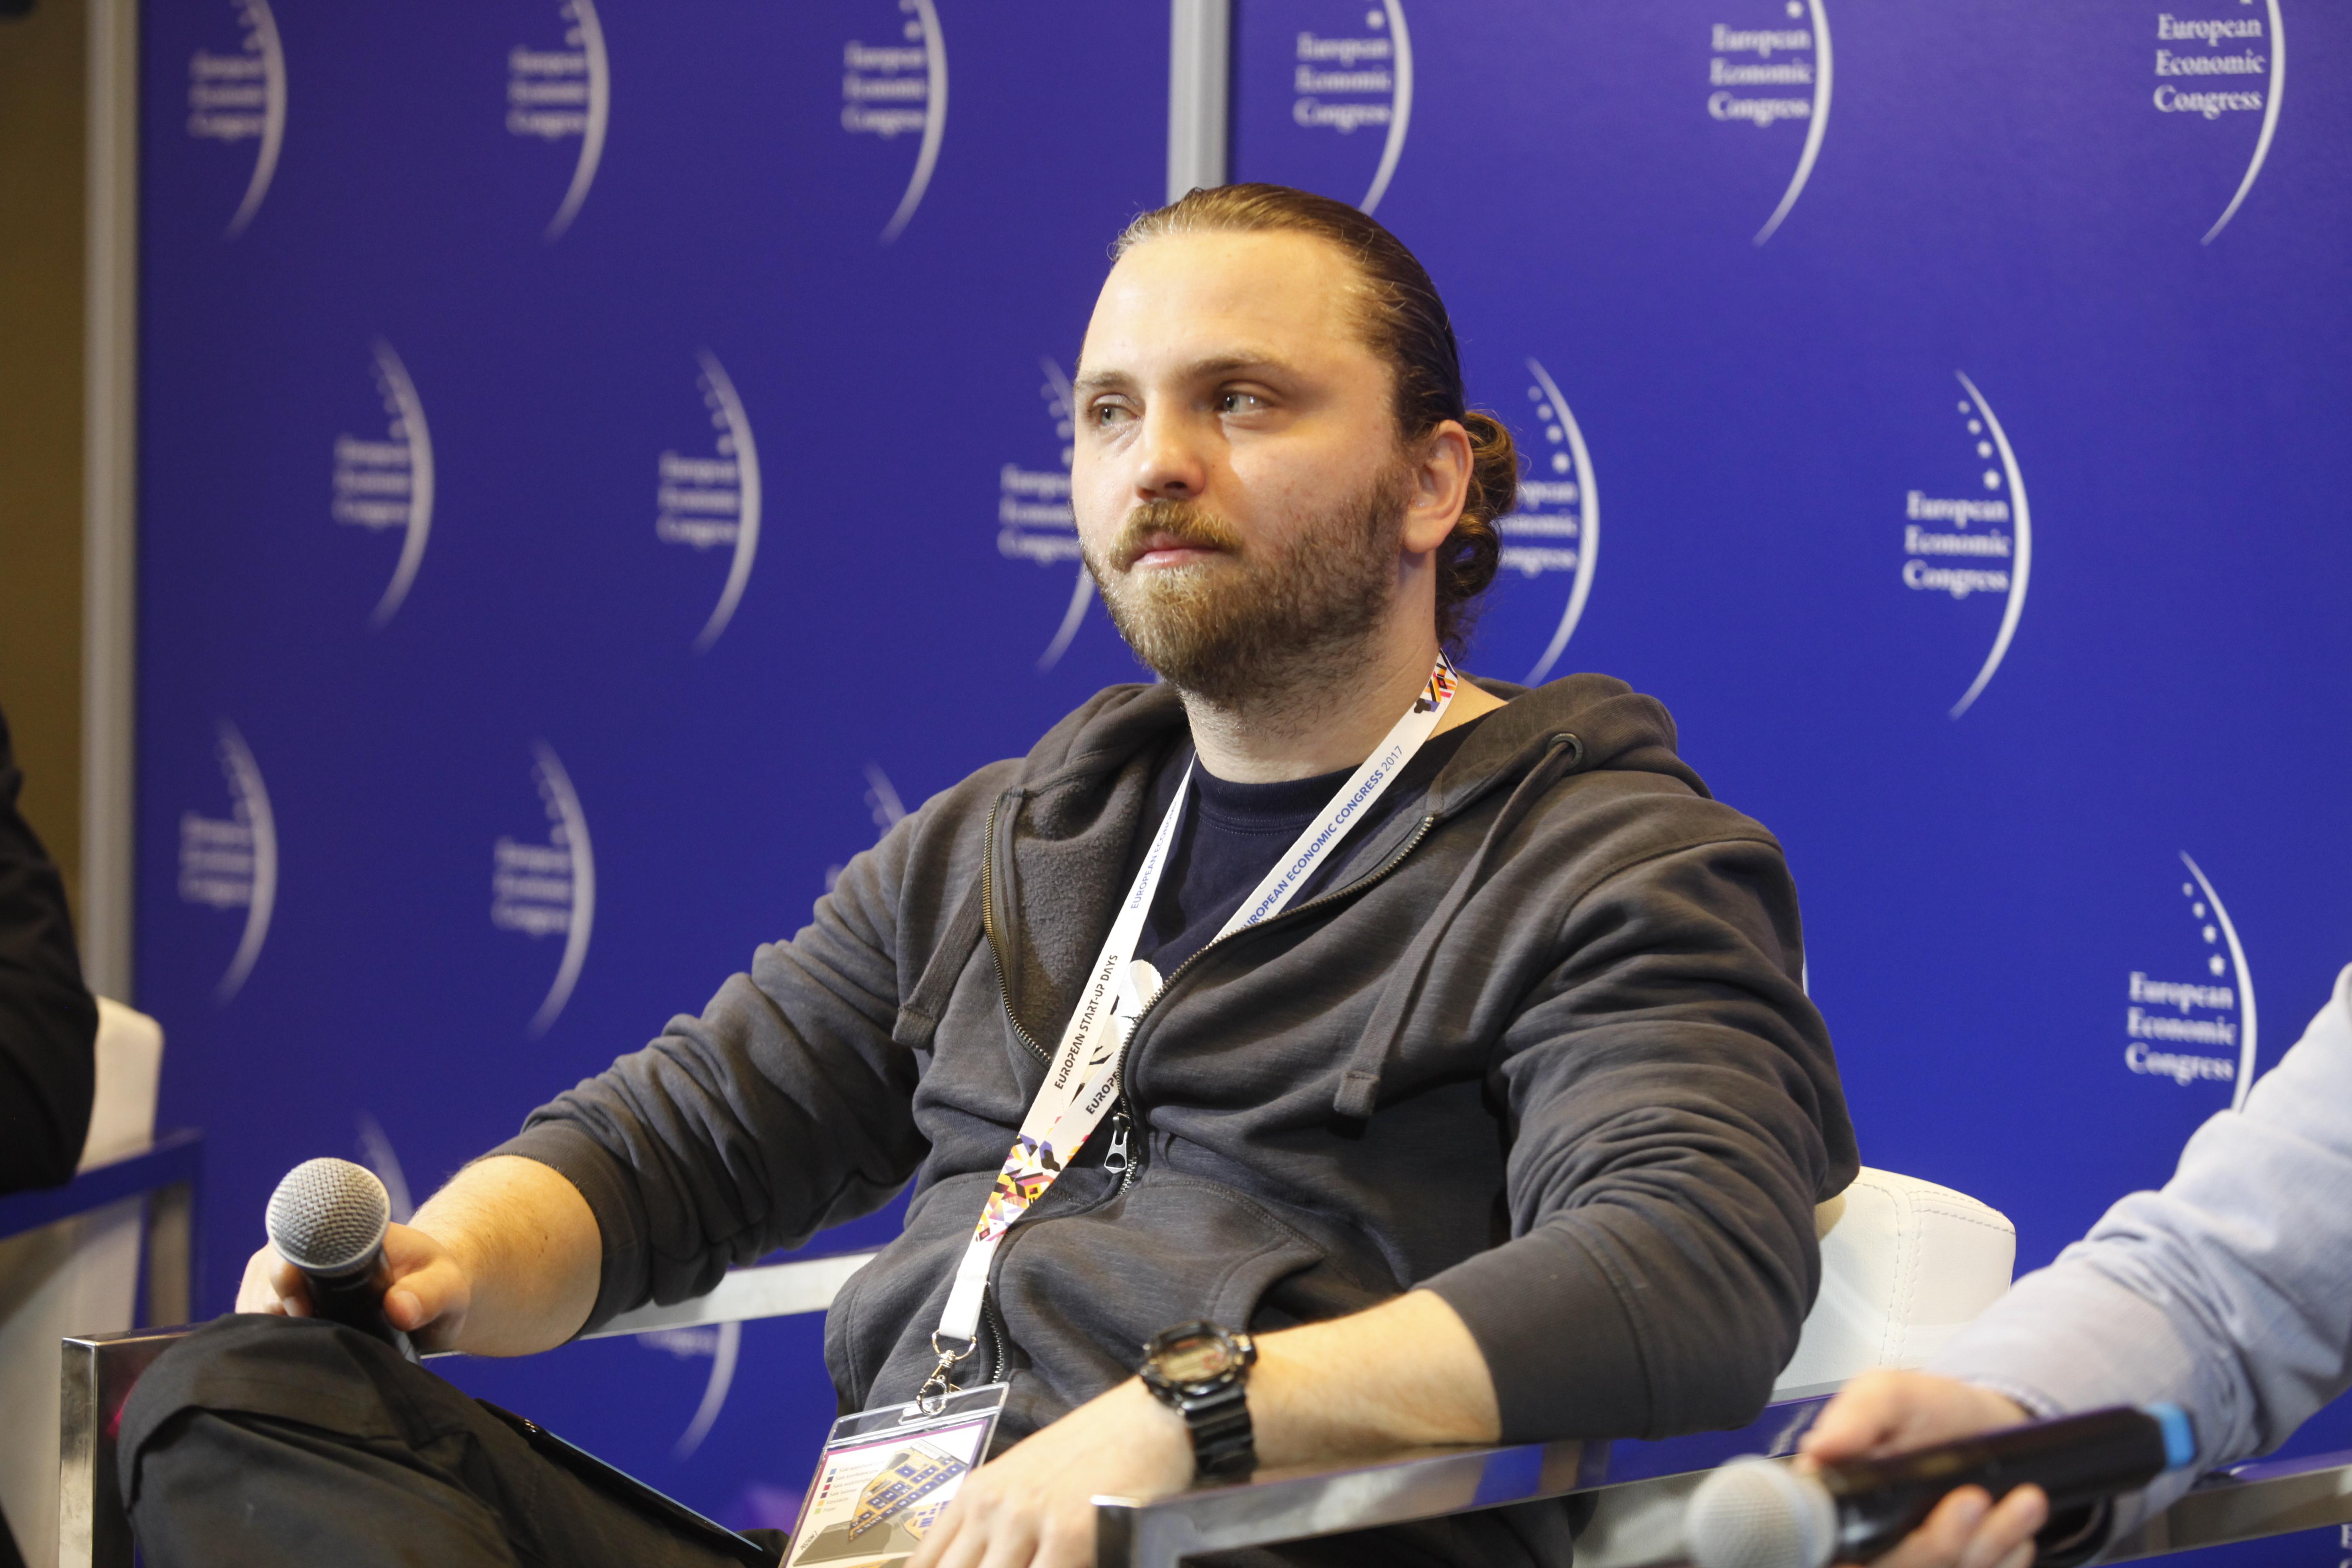 Polski gamedev, czyli producenci gier, ale też rynek graczy, jest dzisiaj największym przemysłem rozrywkowym na świecie - twierdzi Kamil Bilczyński, wiceprezes The Farm 51. (fot. PTWP)